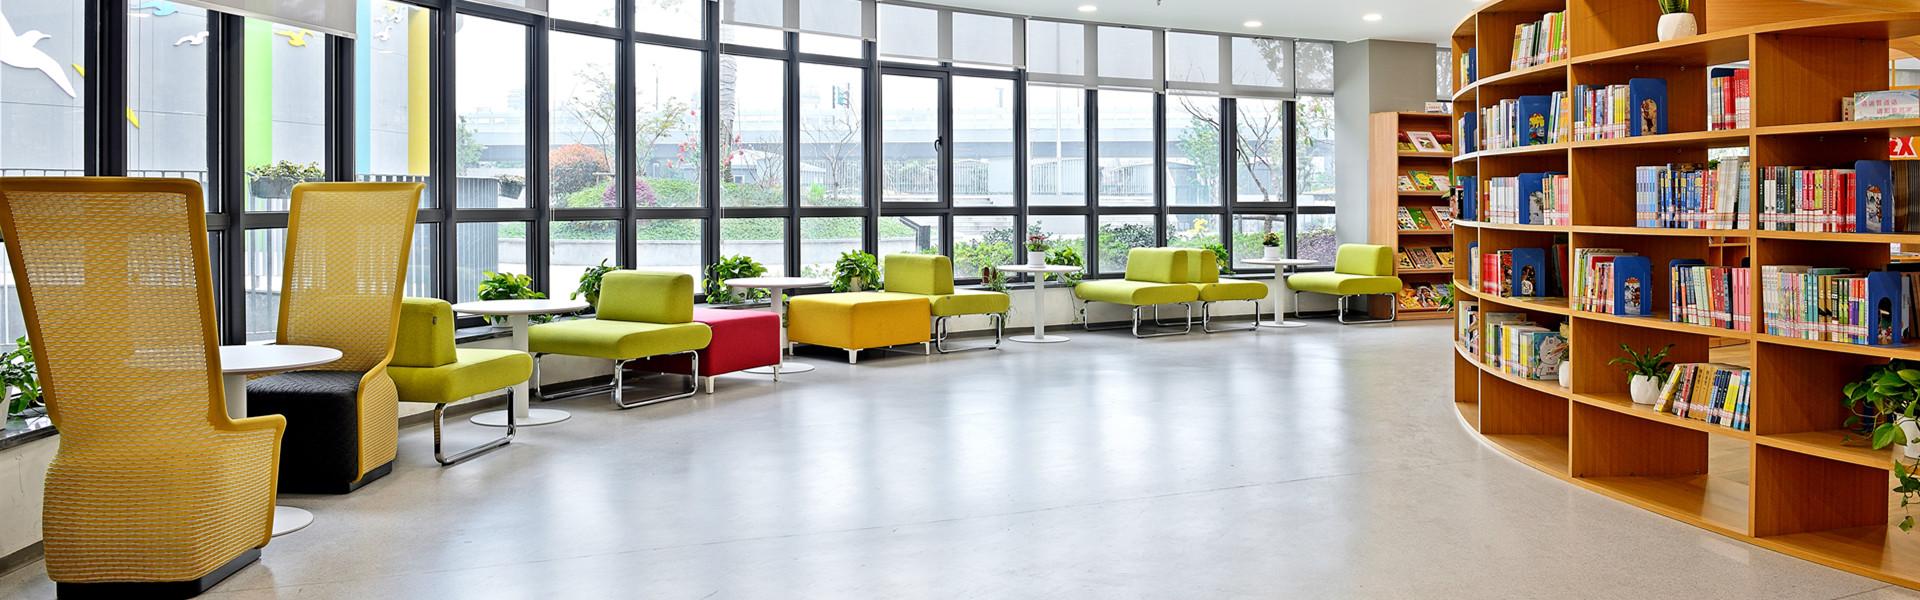 杭州胜利小学阅览空间 圣奥办公家具设计